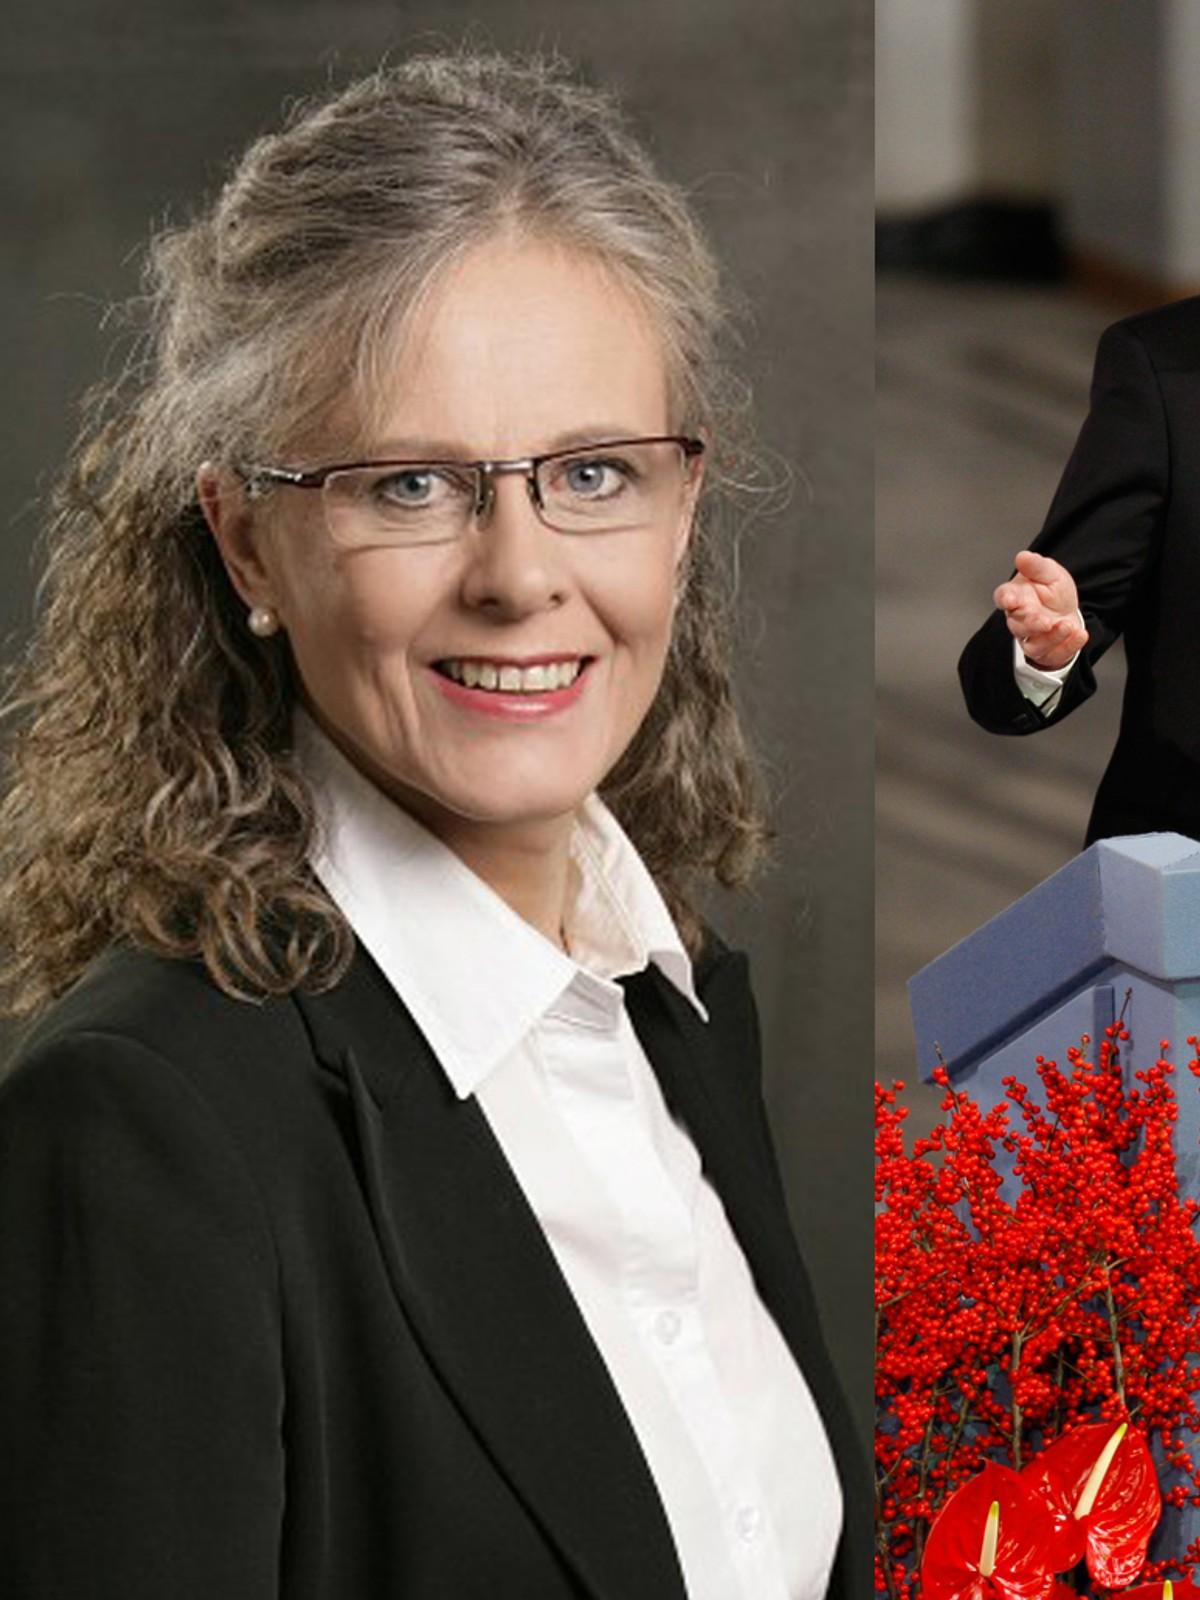 Jubler over brille til 50.000 kroner – NRK Vestfold og